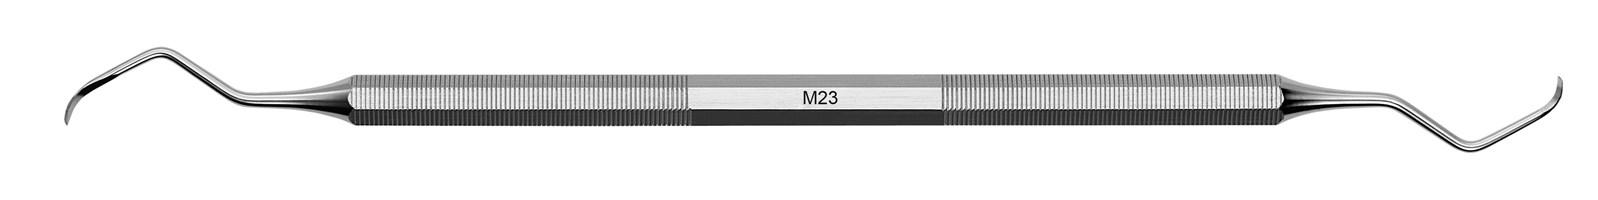 Scaler univerzální - M23, Bez návleku